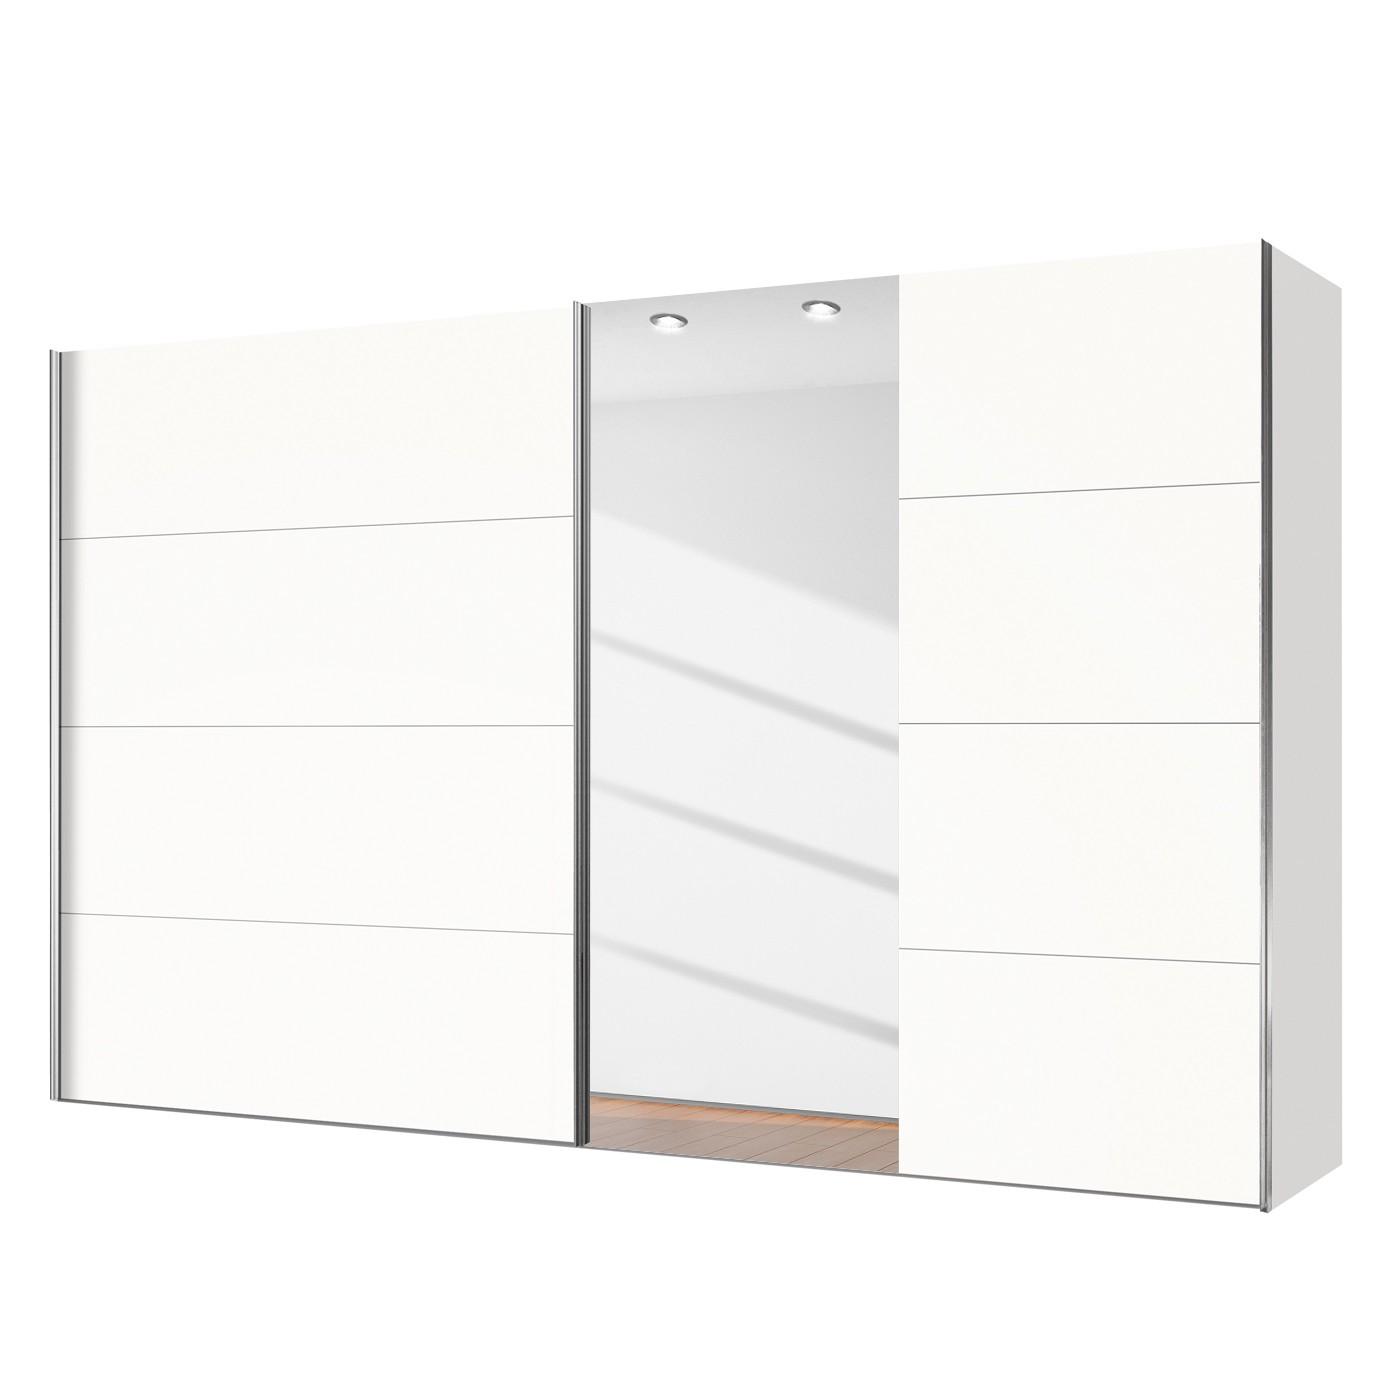 Schuifdeurkast Willows - Poolwit/Spiegelglas - 300cm (2-deurs), Express Möbel